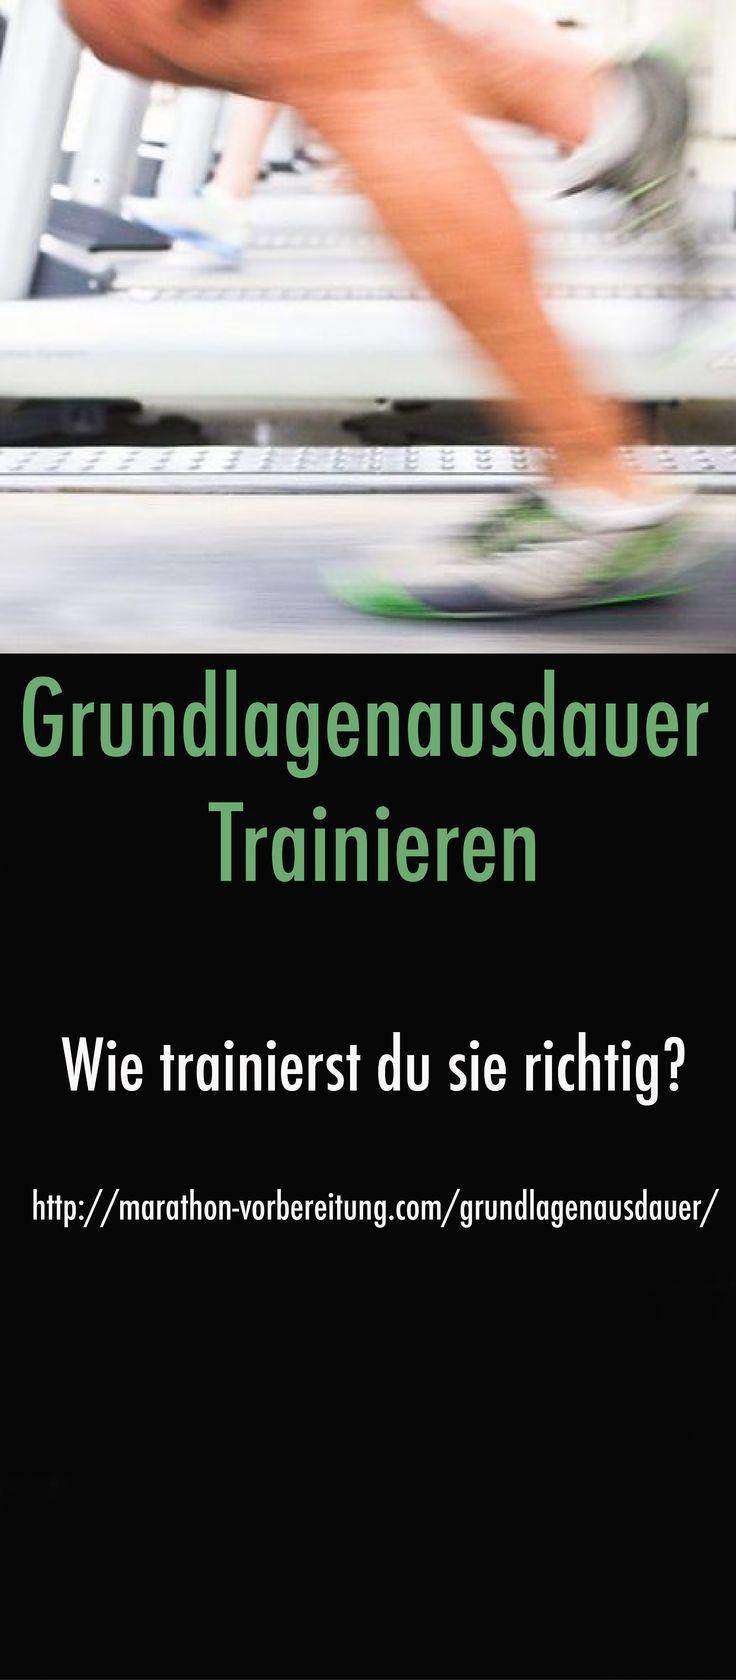 Grundlagenausdauer trainieren - Wie trainierst du sie richtig? http://marathon-vorbereitung.com/grundlagenausdauer/